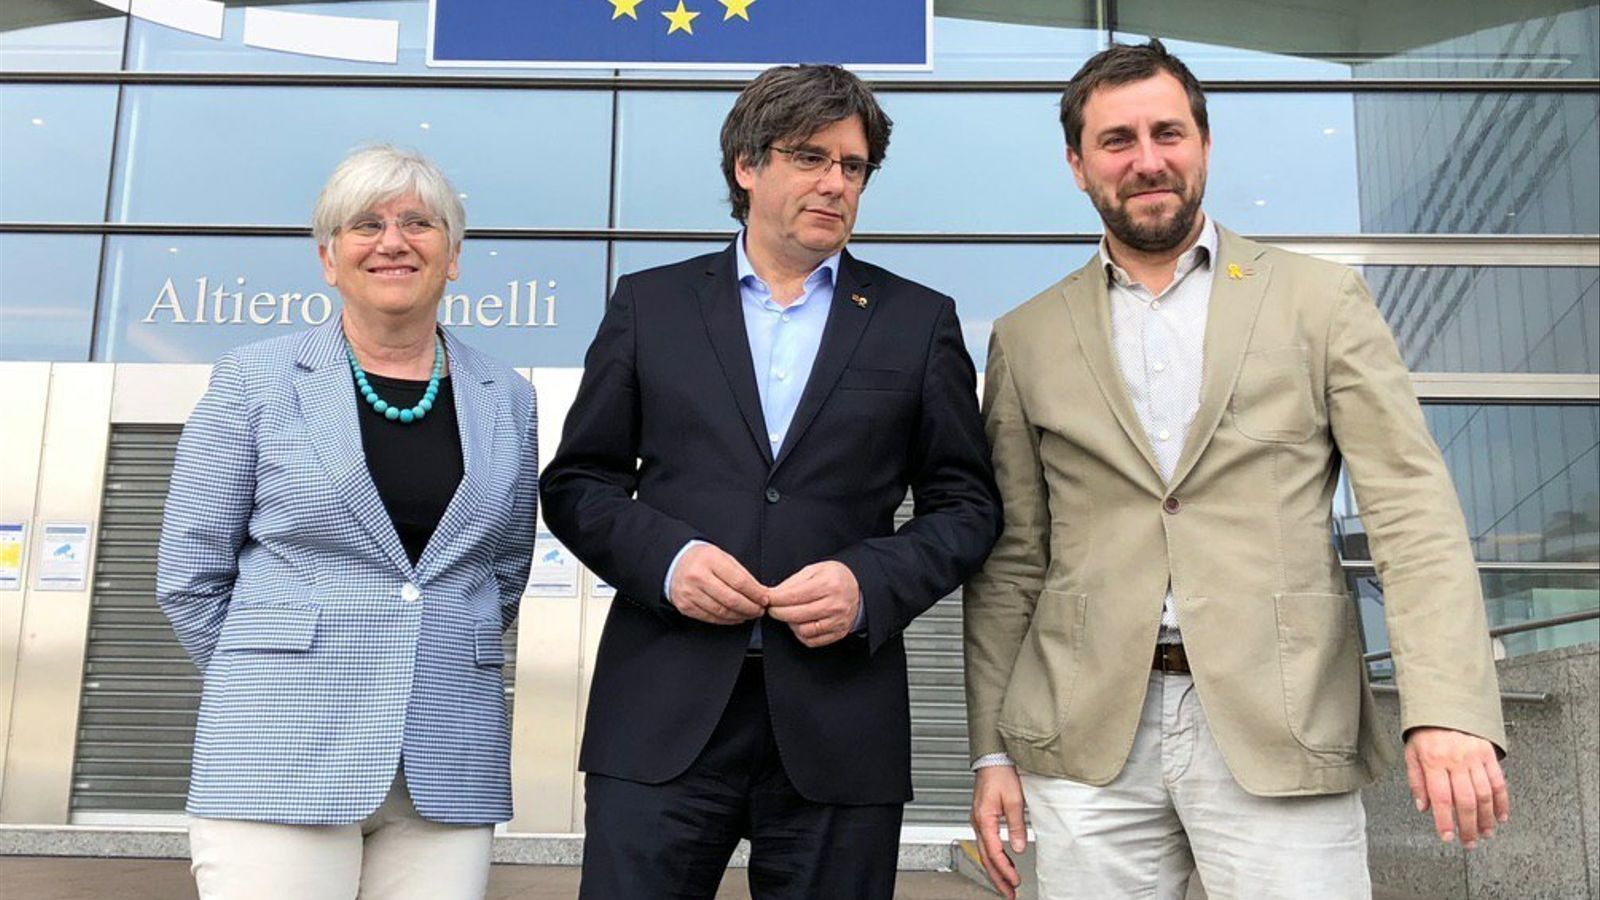 L'expresident català a l'exili, Carles Puigdemont, amb els exconsellers Clara Ponsatí i Toni Comín davant del Parlament Europeu / J. M.